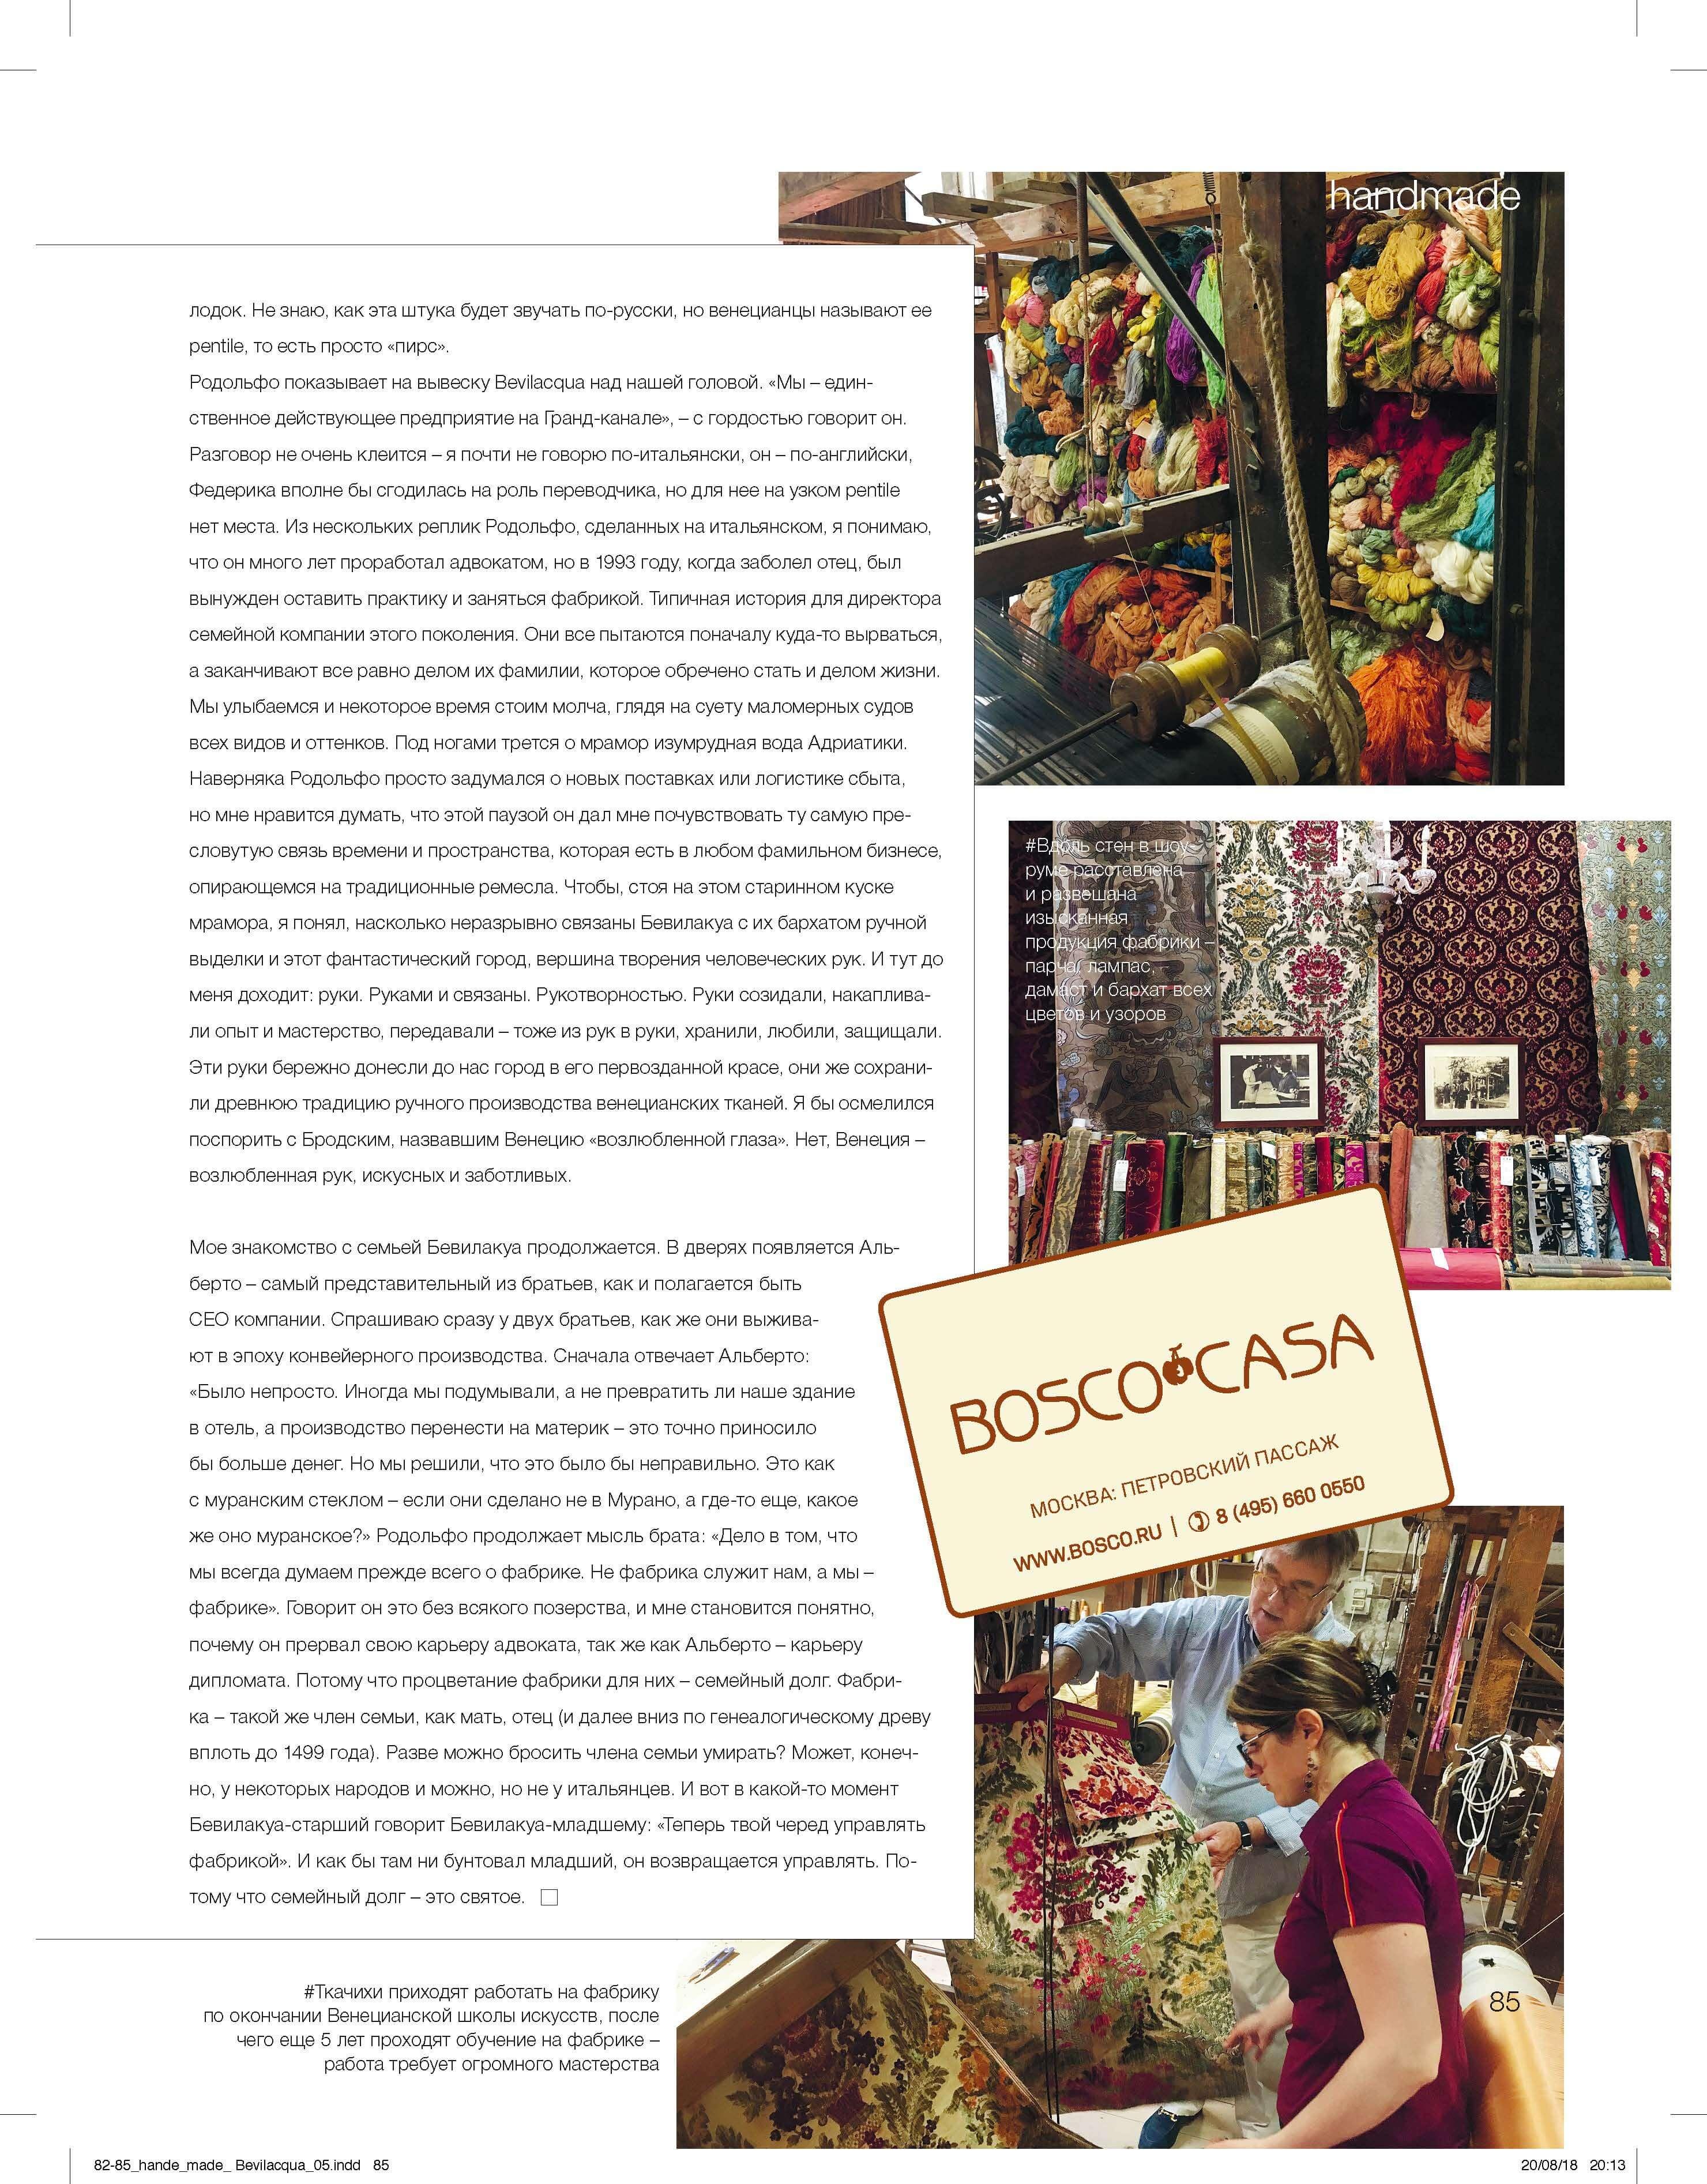 Boscomagazine autumn 2018 4